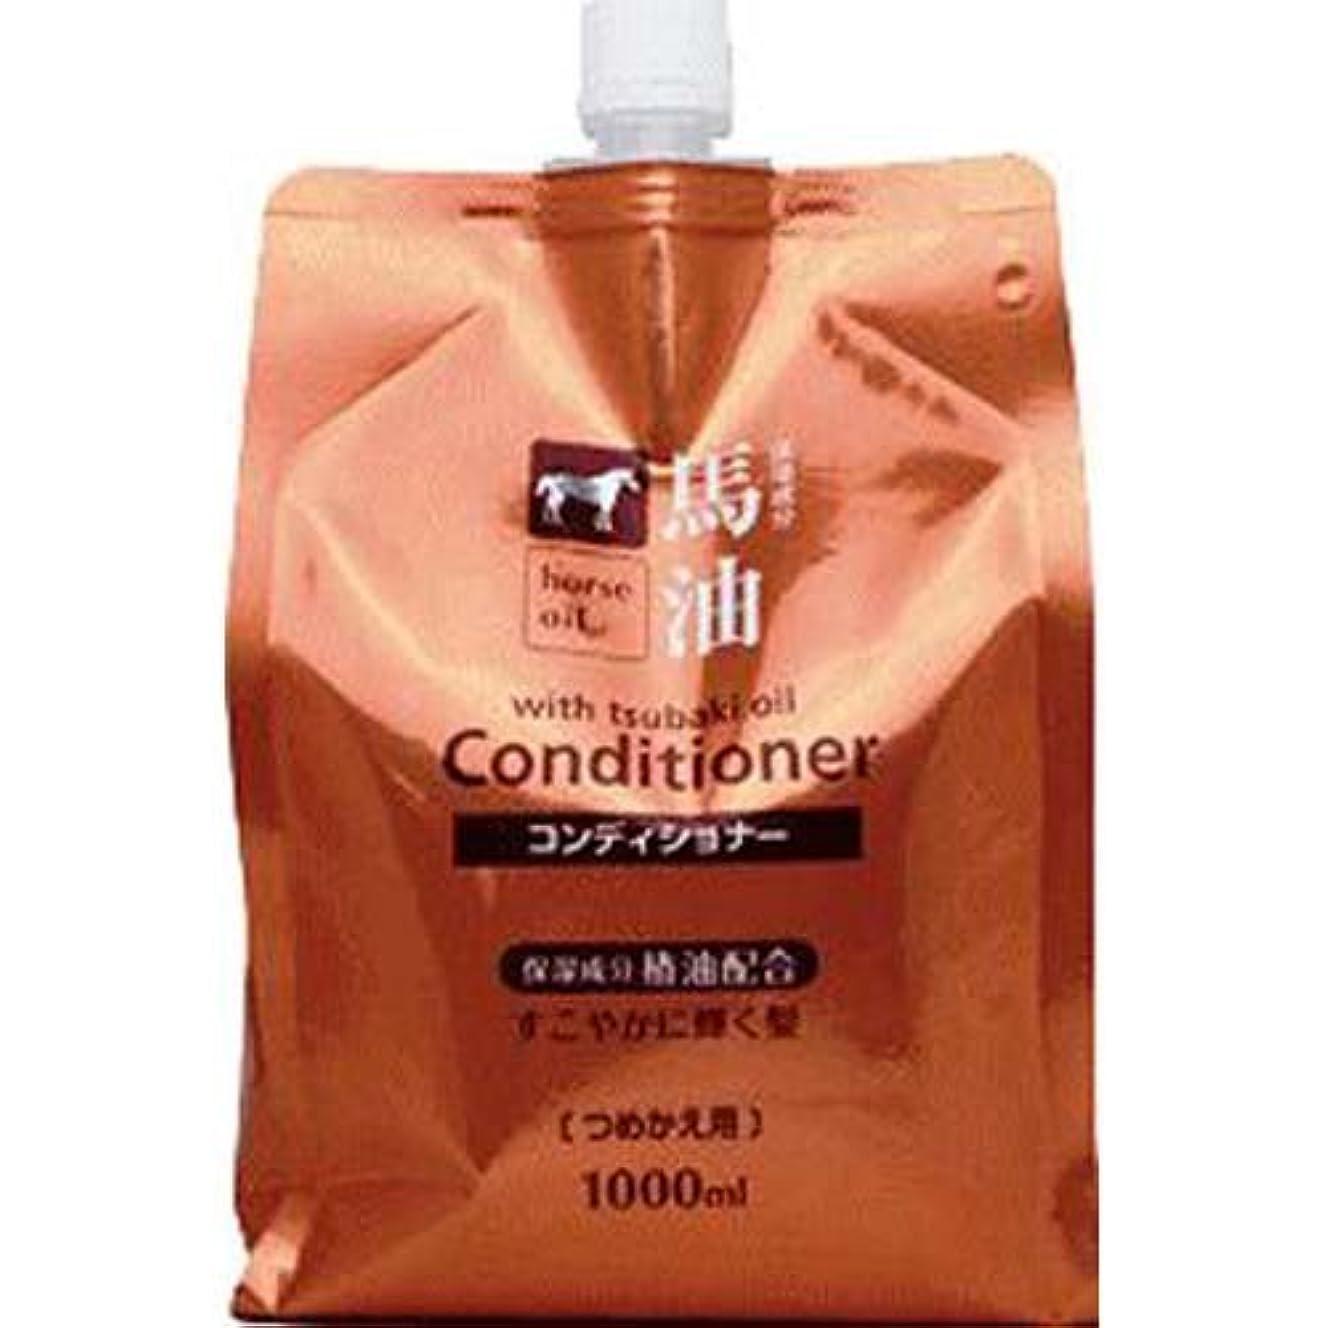 フラッシュのように素早く厚さセクタ熊野油脂 馬油コンディショナー つめかえ用 1000ml